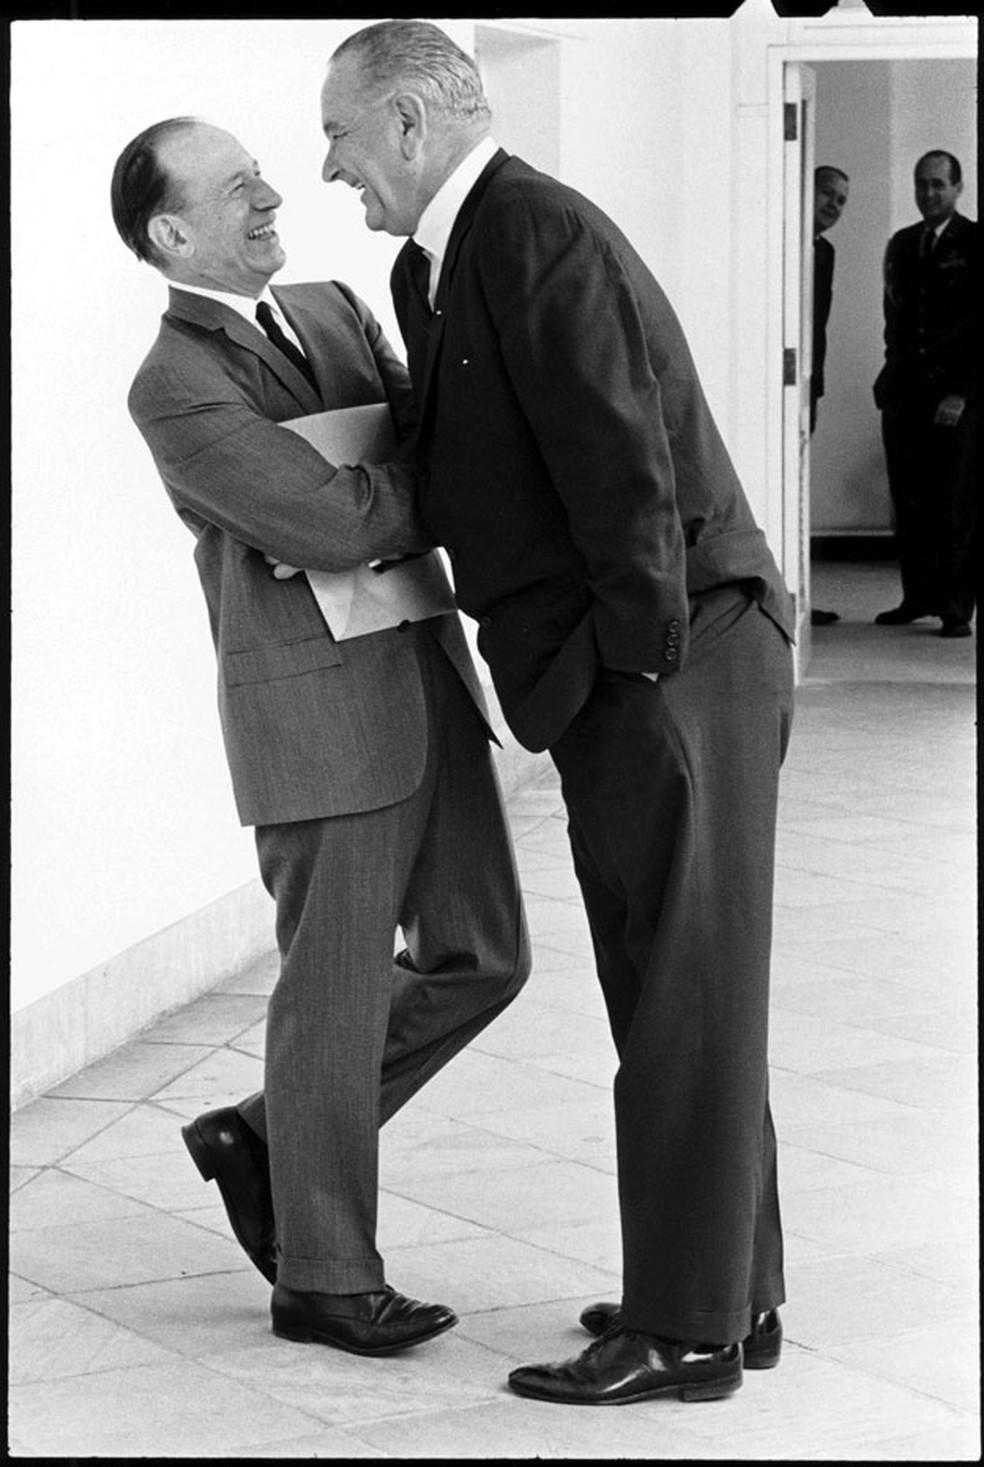 Lyndon Johnson era famoso por sua postura dominante. — Foto: Yoichi Okamoto/Casa Branca/via BBC